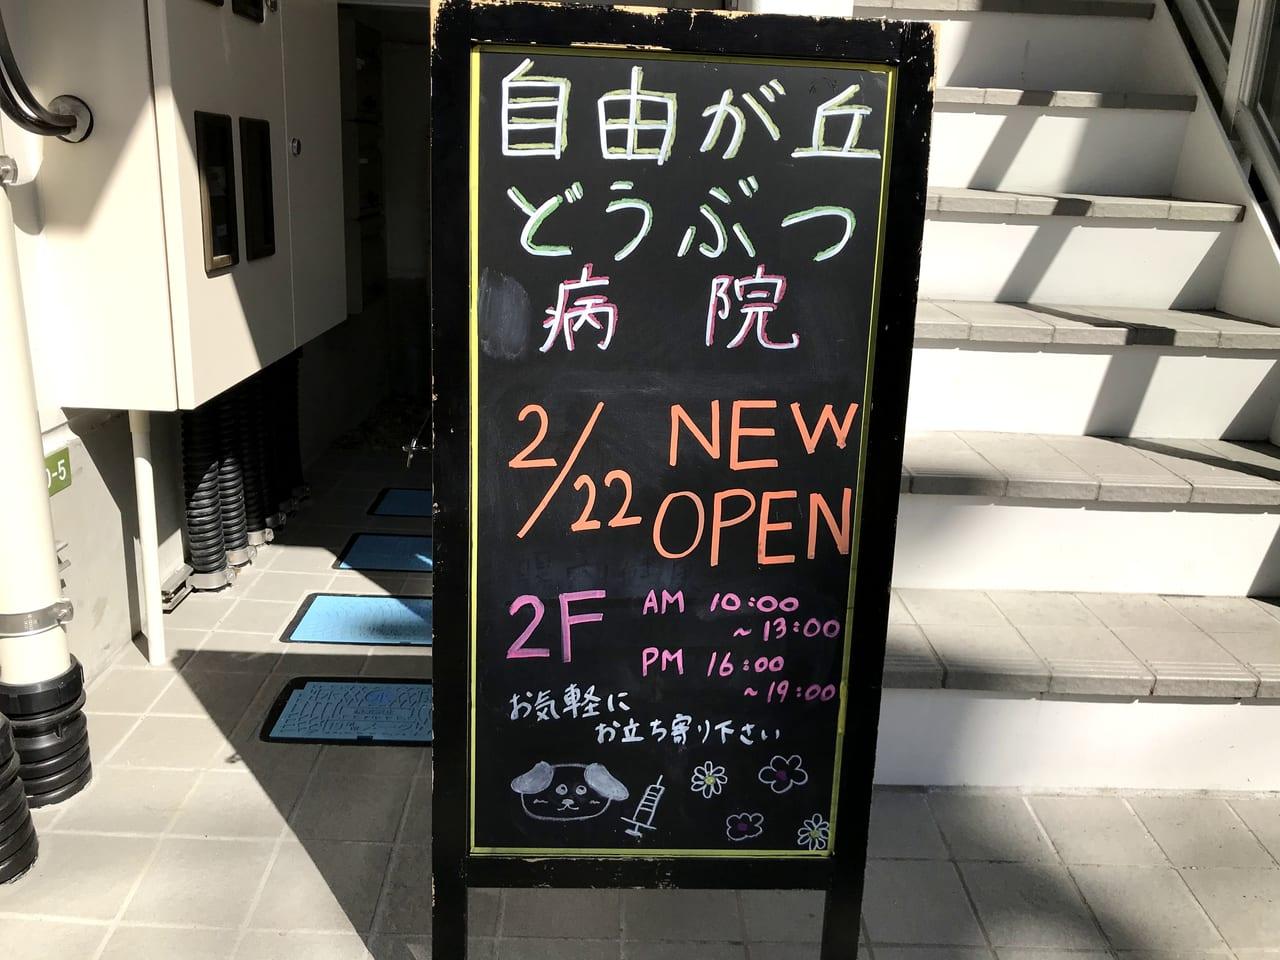 世田谷区九品仏に新しいどうぶつ病院オープン